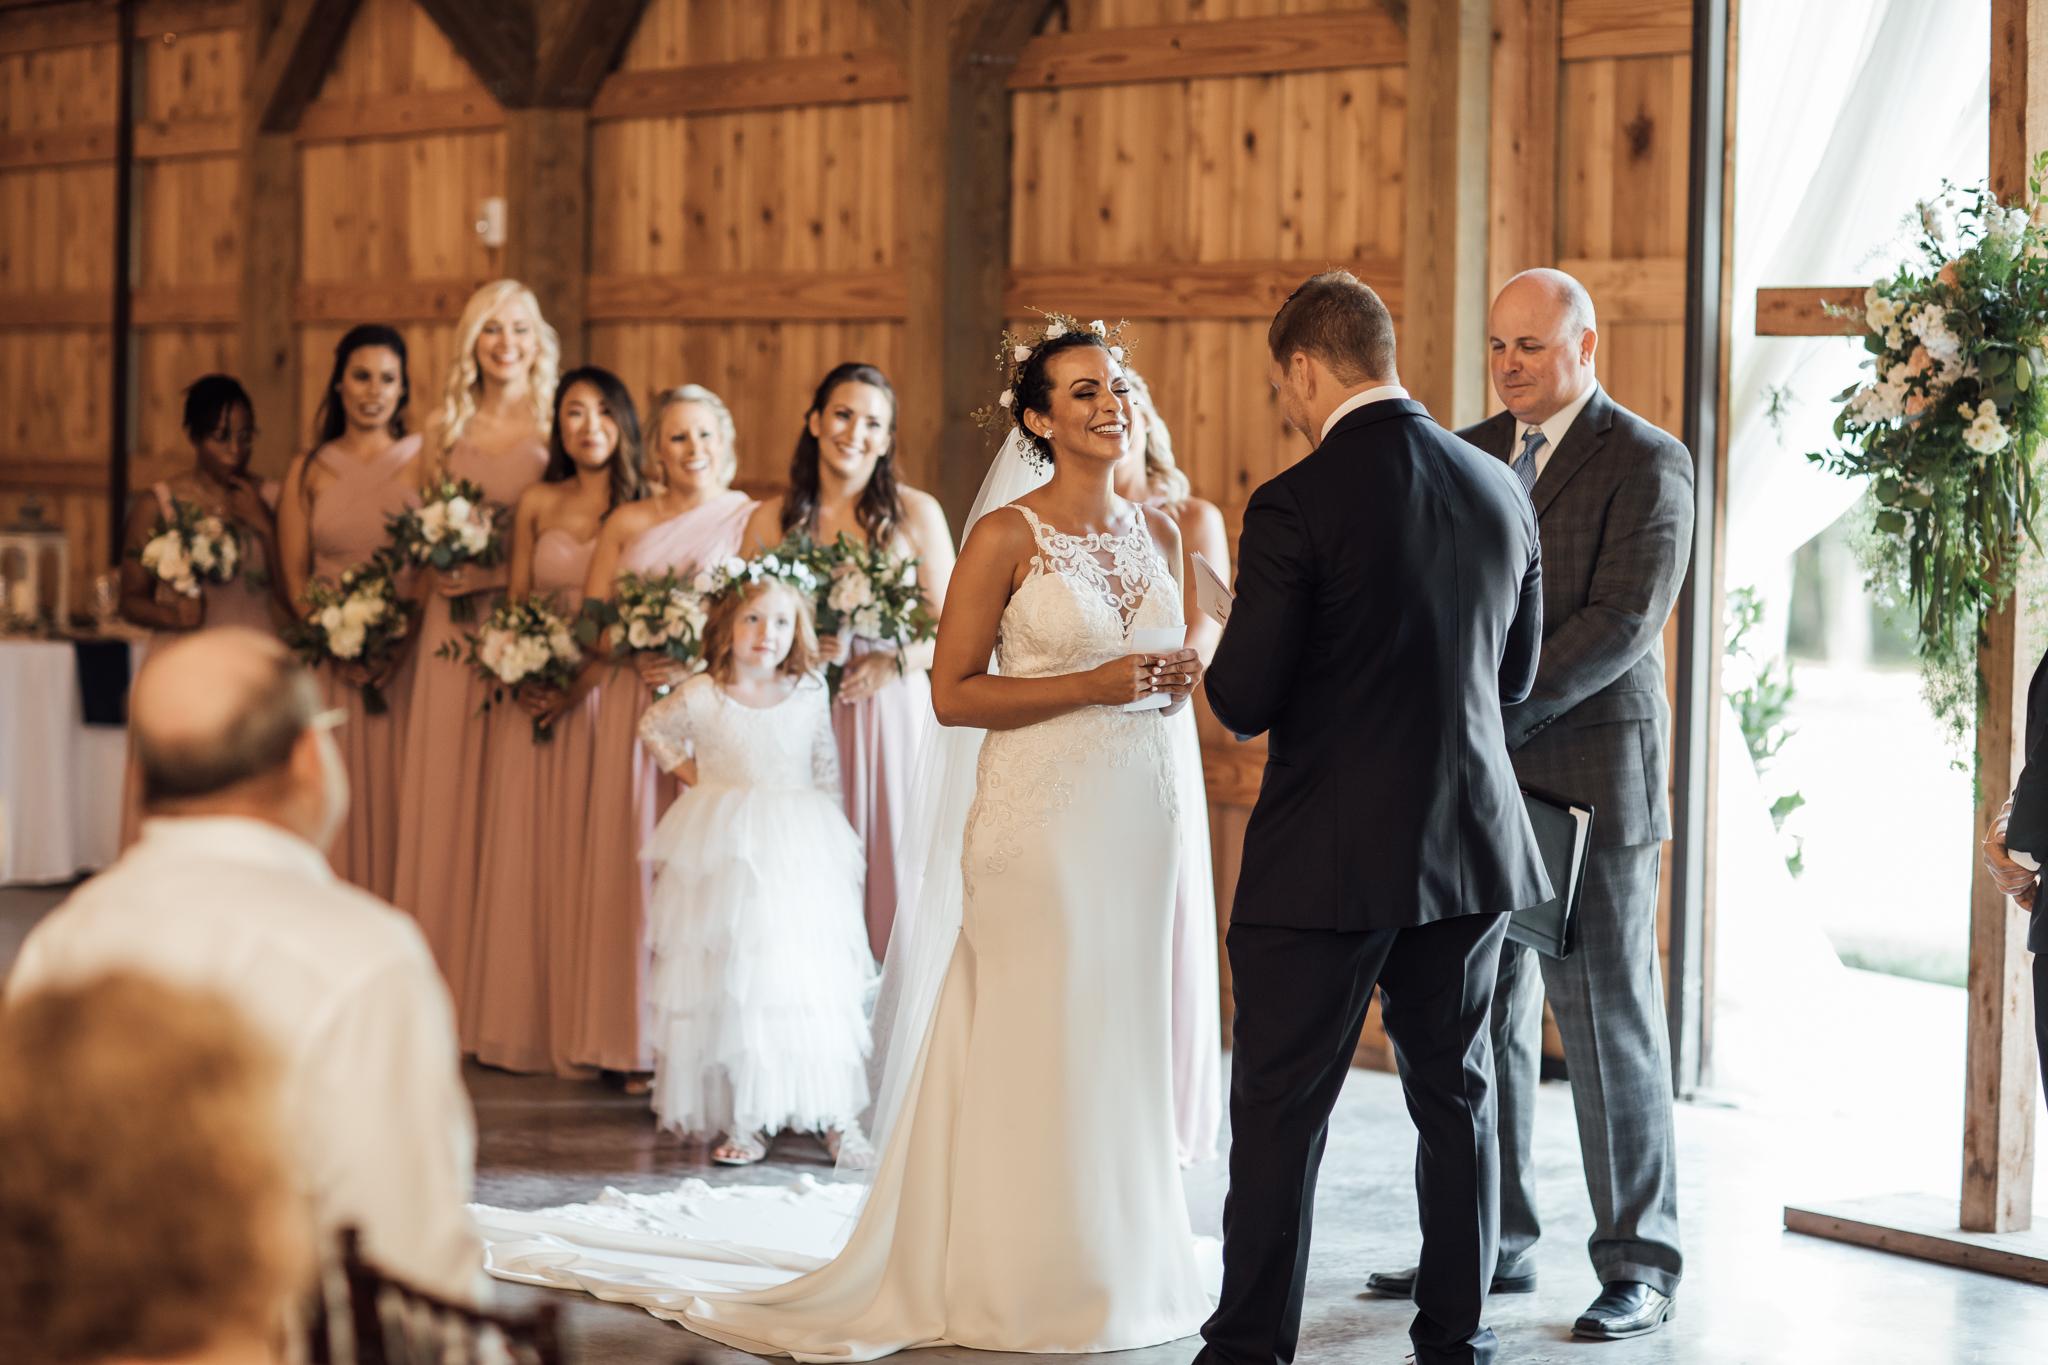 saddlewoodsfarms-nashville-wedding-photographer-thewarmtharoundyou-rustic-wedding (207 of 251).jpg